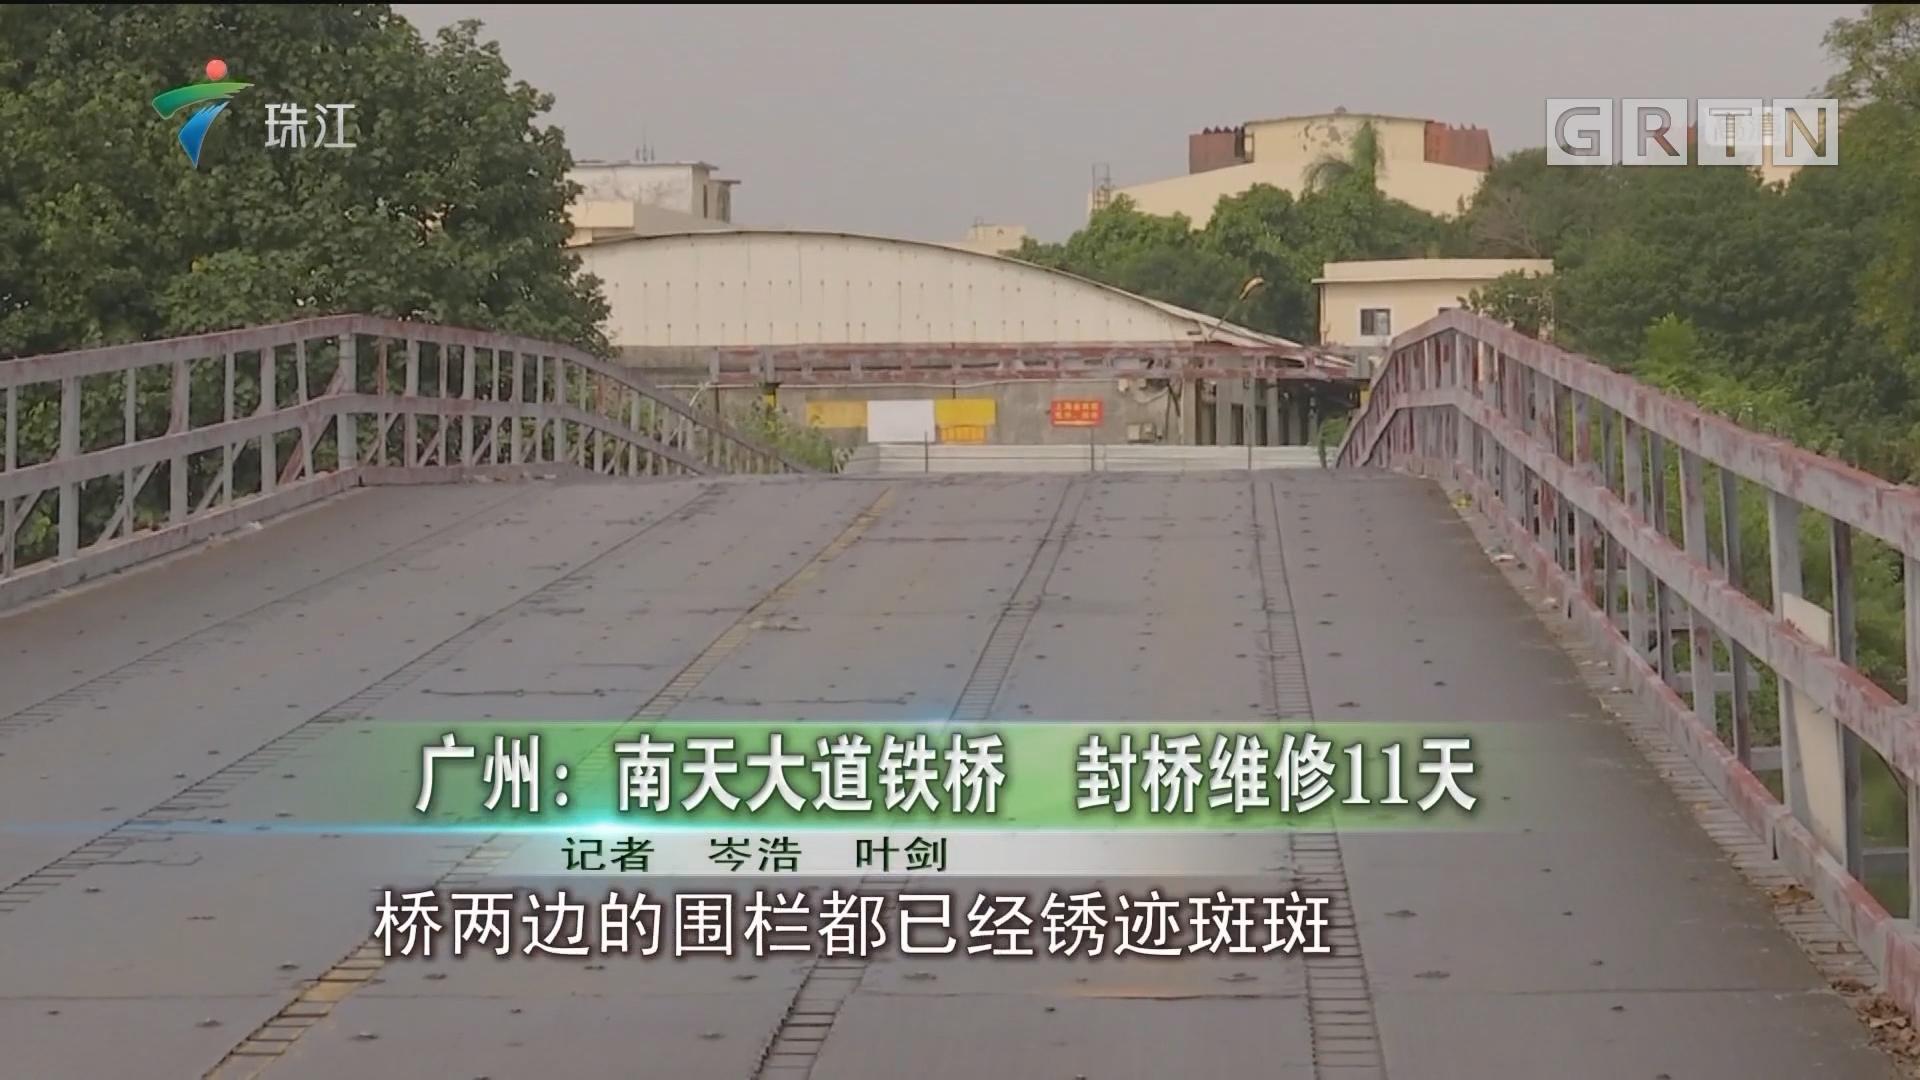 广州:南天大道铁桥 封桥维修11天